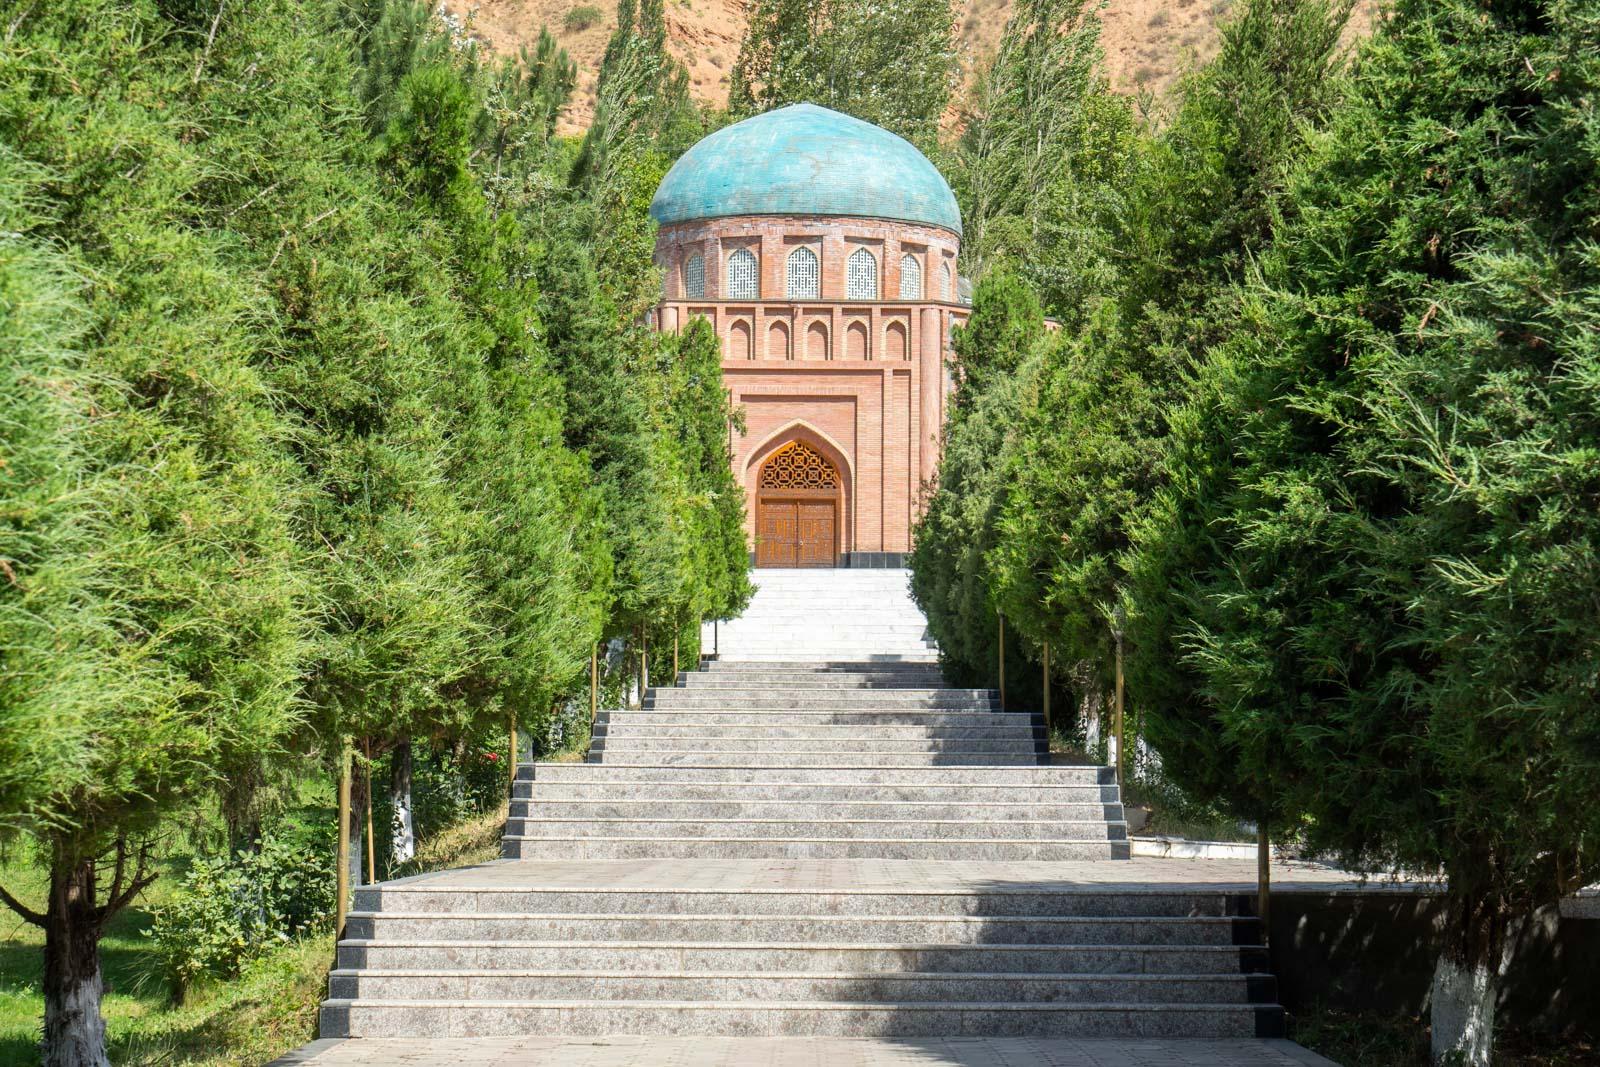 Rudaki Mausoleum, near Panjakent, Tajikistan